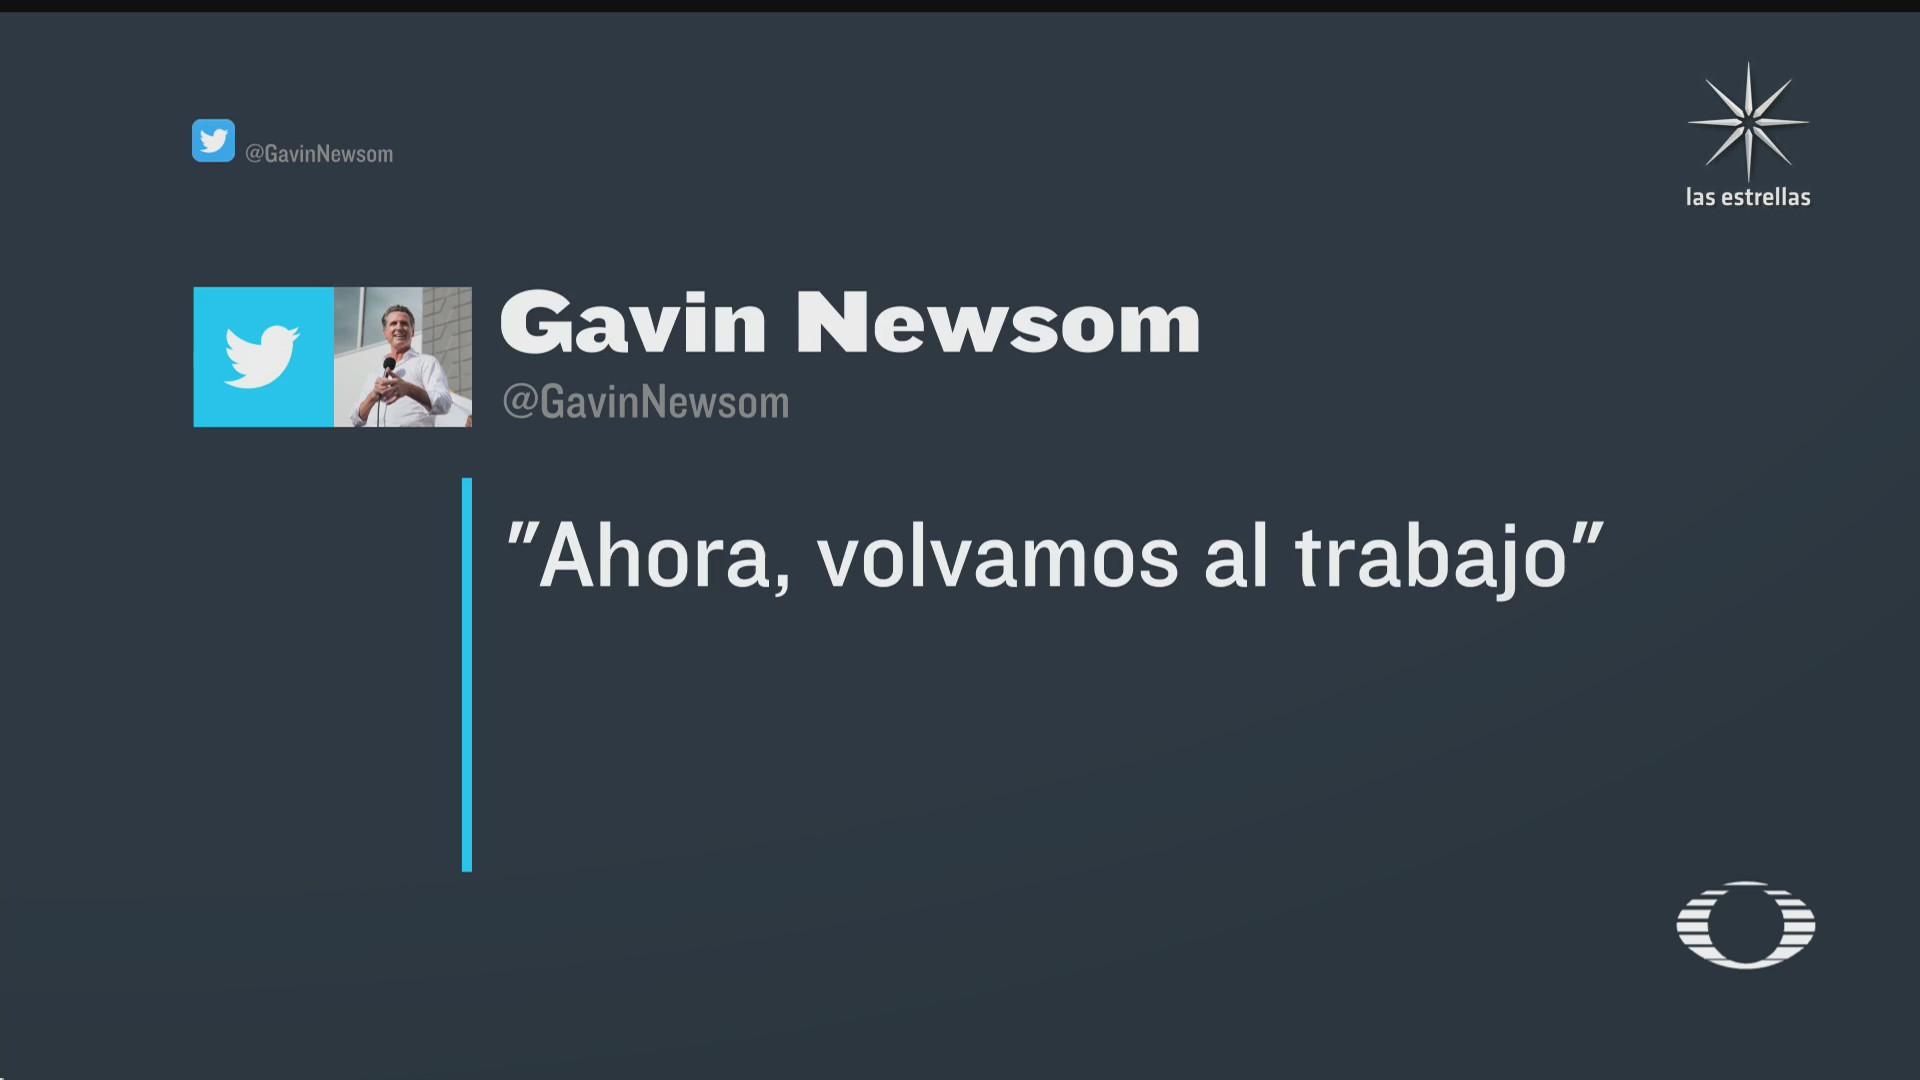 gavin newsom seguira siendo gobernador de california tras ganar revocacion de mandato